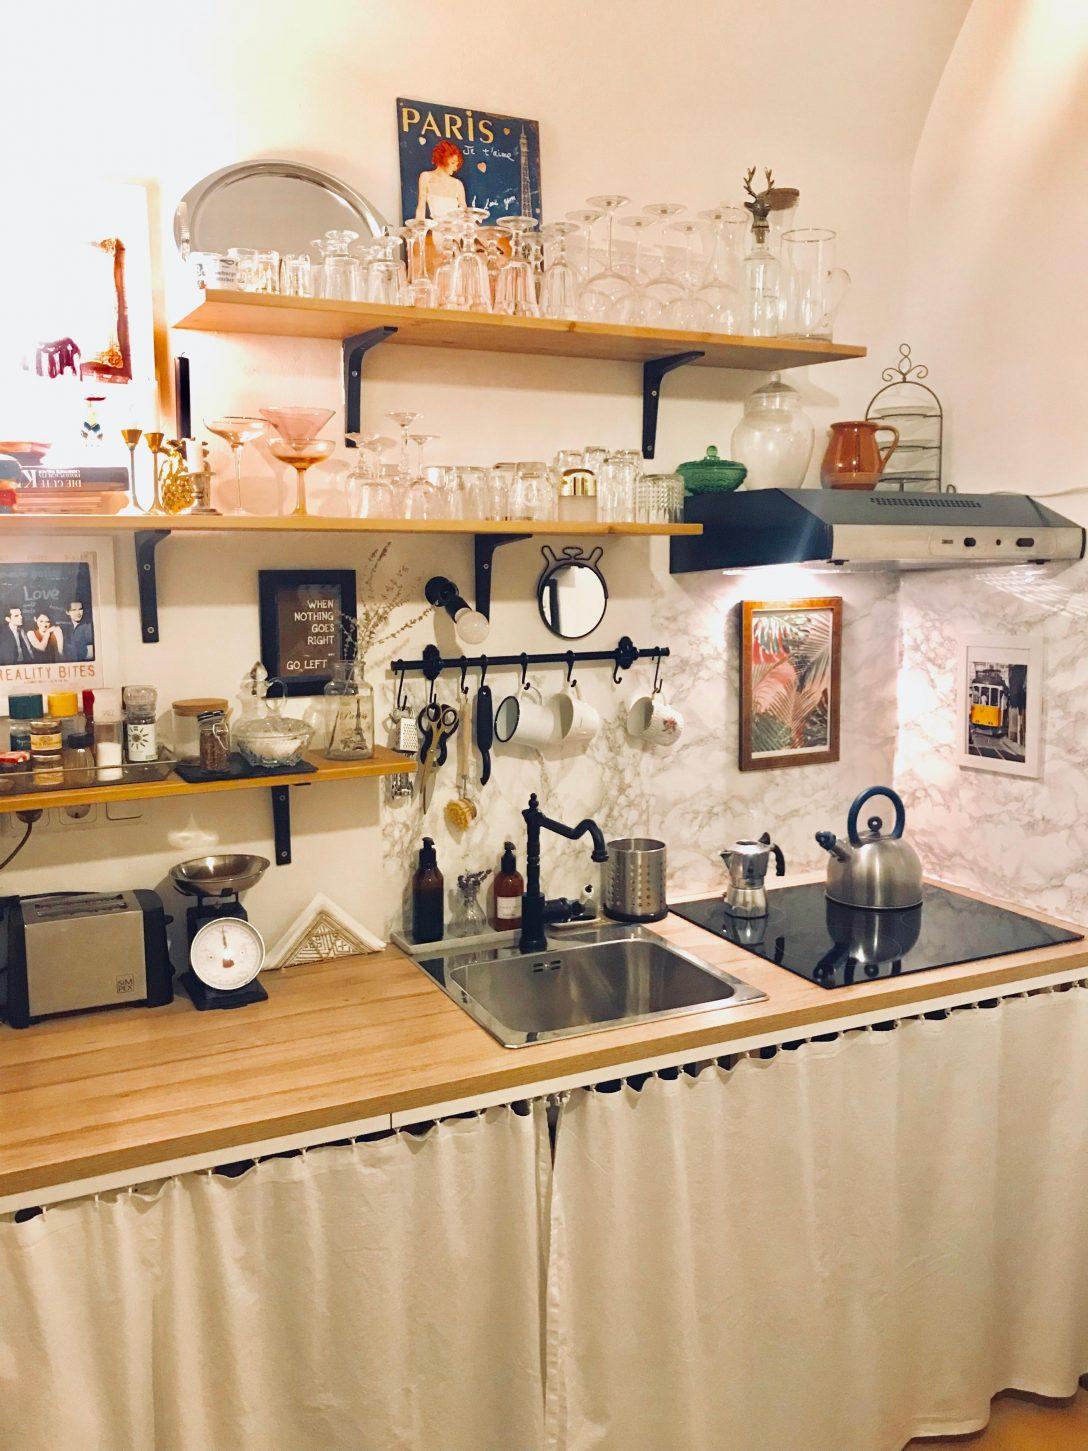 Large Size of Küche Diy Meine Kleine Kche Von Meinem Super Tollen Und Talen Moderne Landhausküche Armaturen Holzküche Abfalleimer Sockelblende Singleküche Mit Wohnzimmer Küche Diy